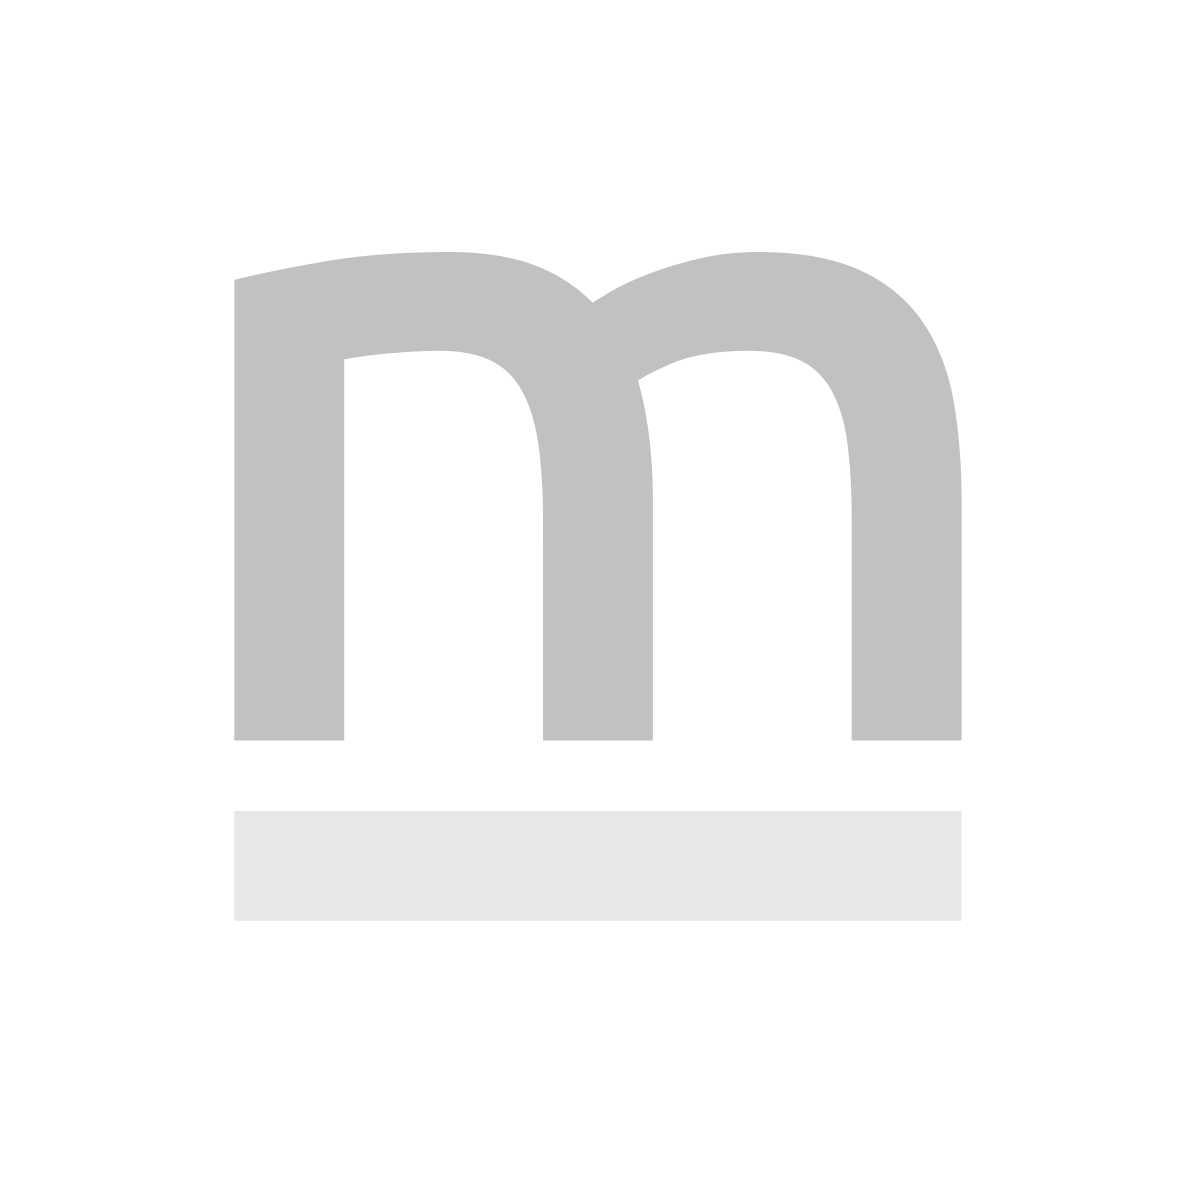 Łóżko EVO BETA 160x80 żółte samochód